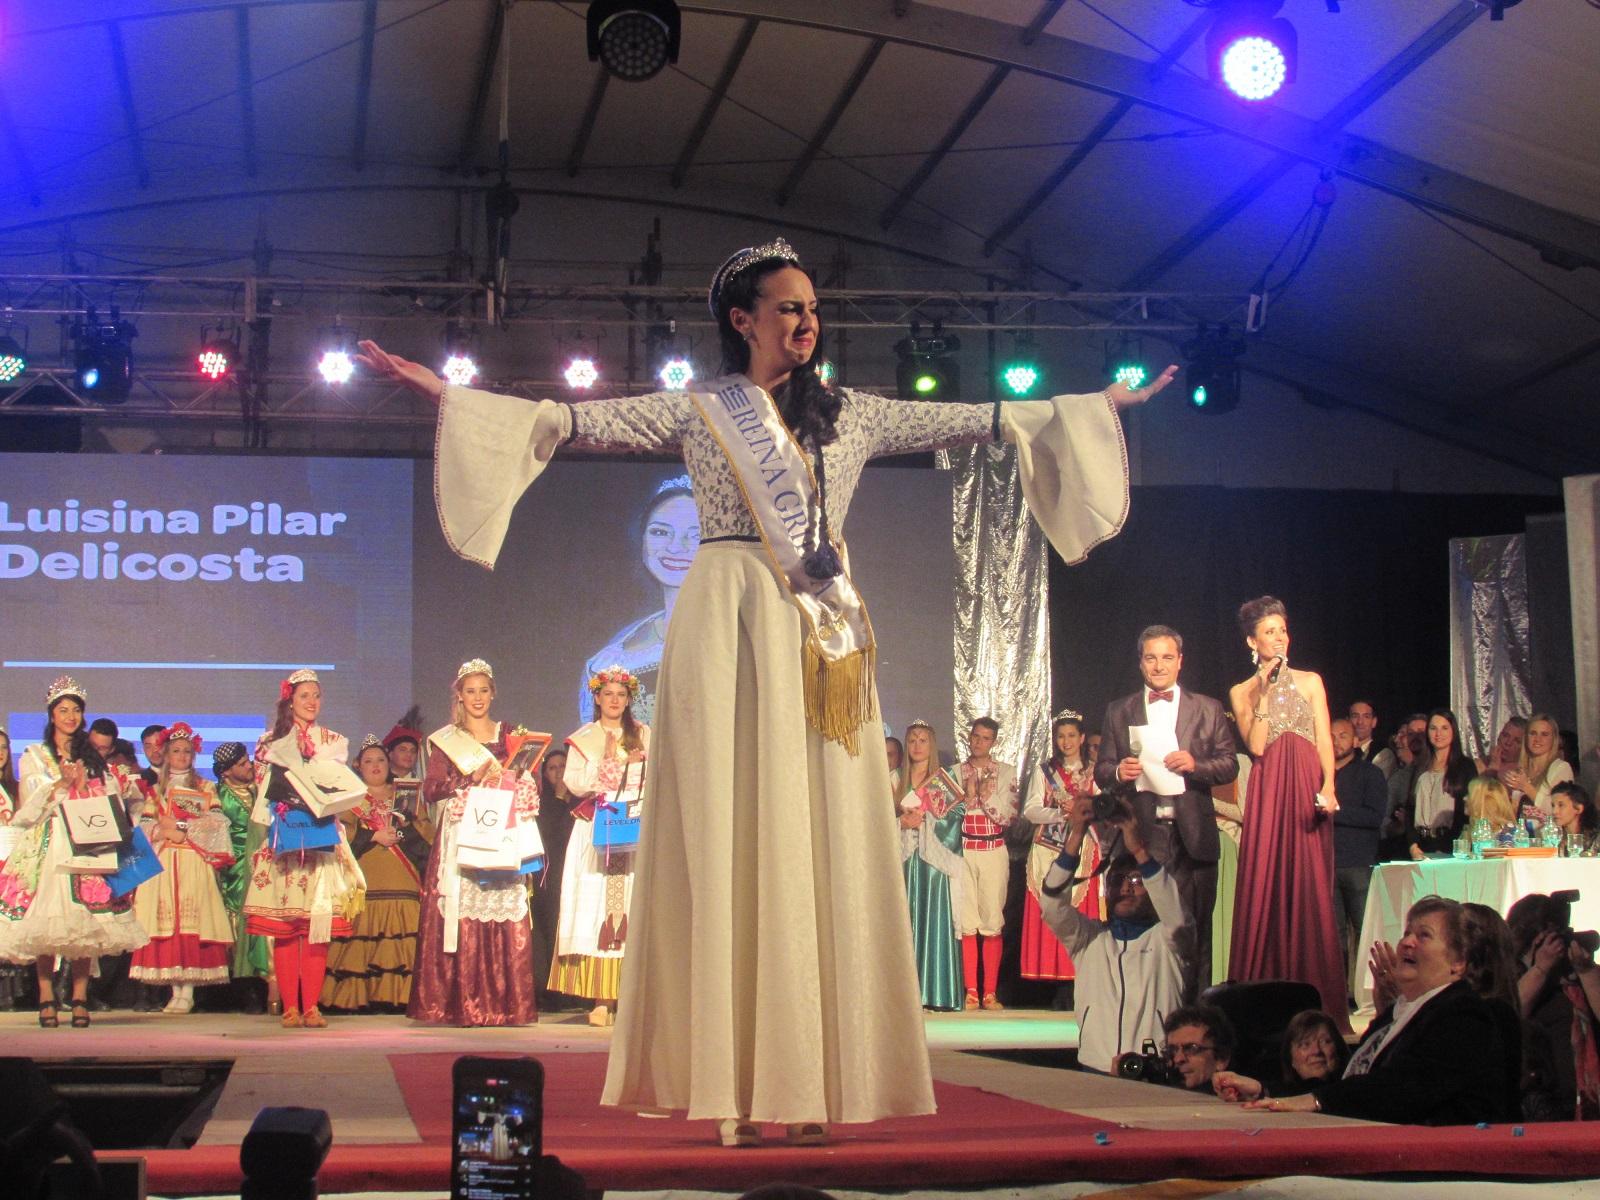 La nueva Reina Provincial del Inmigrante es  Luisina Pilar Delicostas, quien pertenece a la colectividad griega . Además, en la madrugada de este domingo fueron elegidas segunda princesa Luciana María Dietz  de la colectividad alemana y como primera princesa, de la colectividad lituana, Melina Natalia Radziunas.